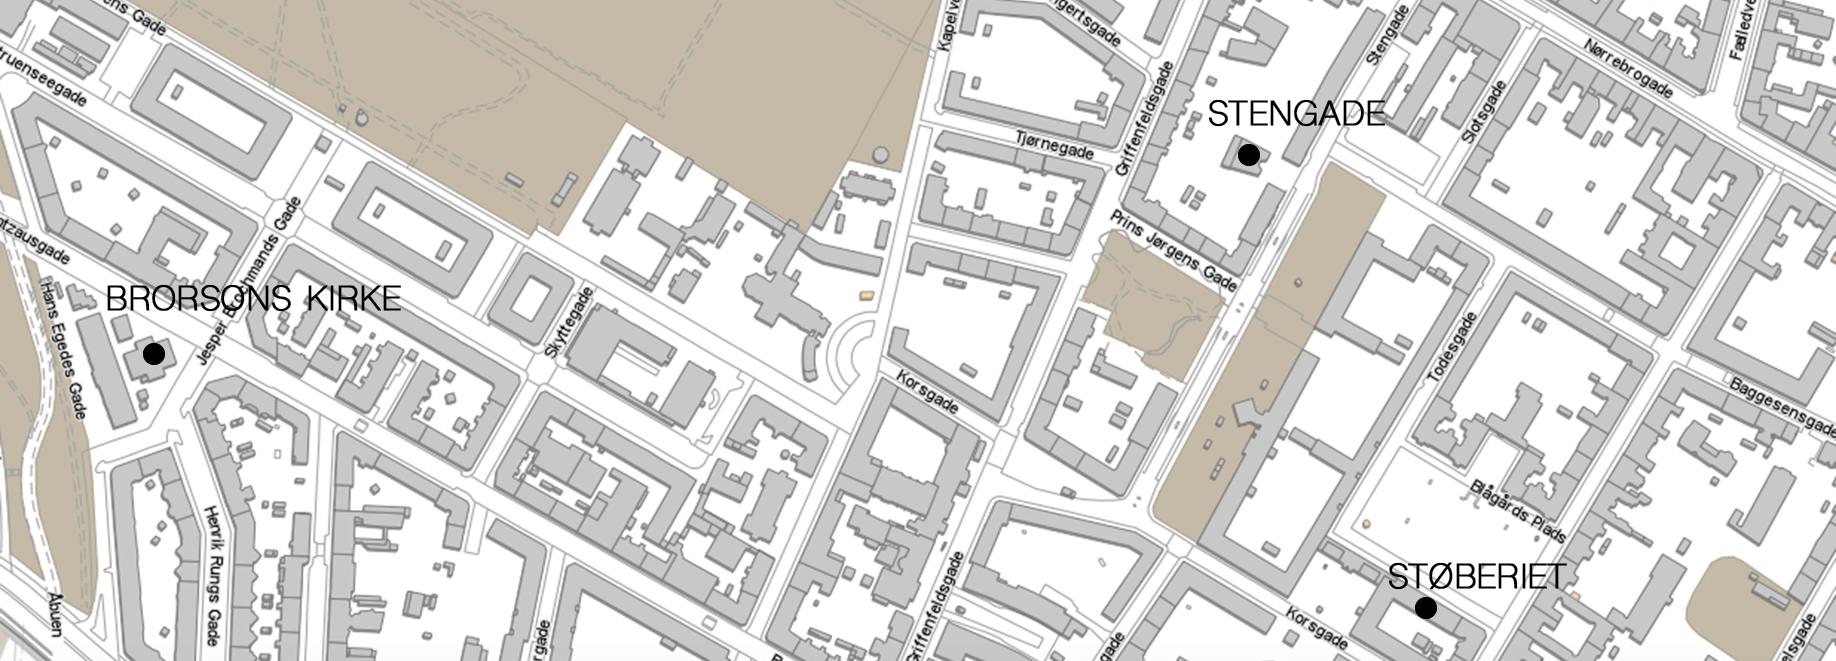 Sorte Firkant LOGO 2019 map trans.png